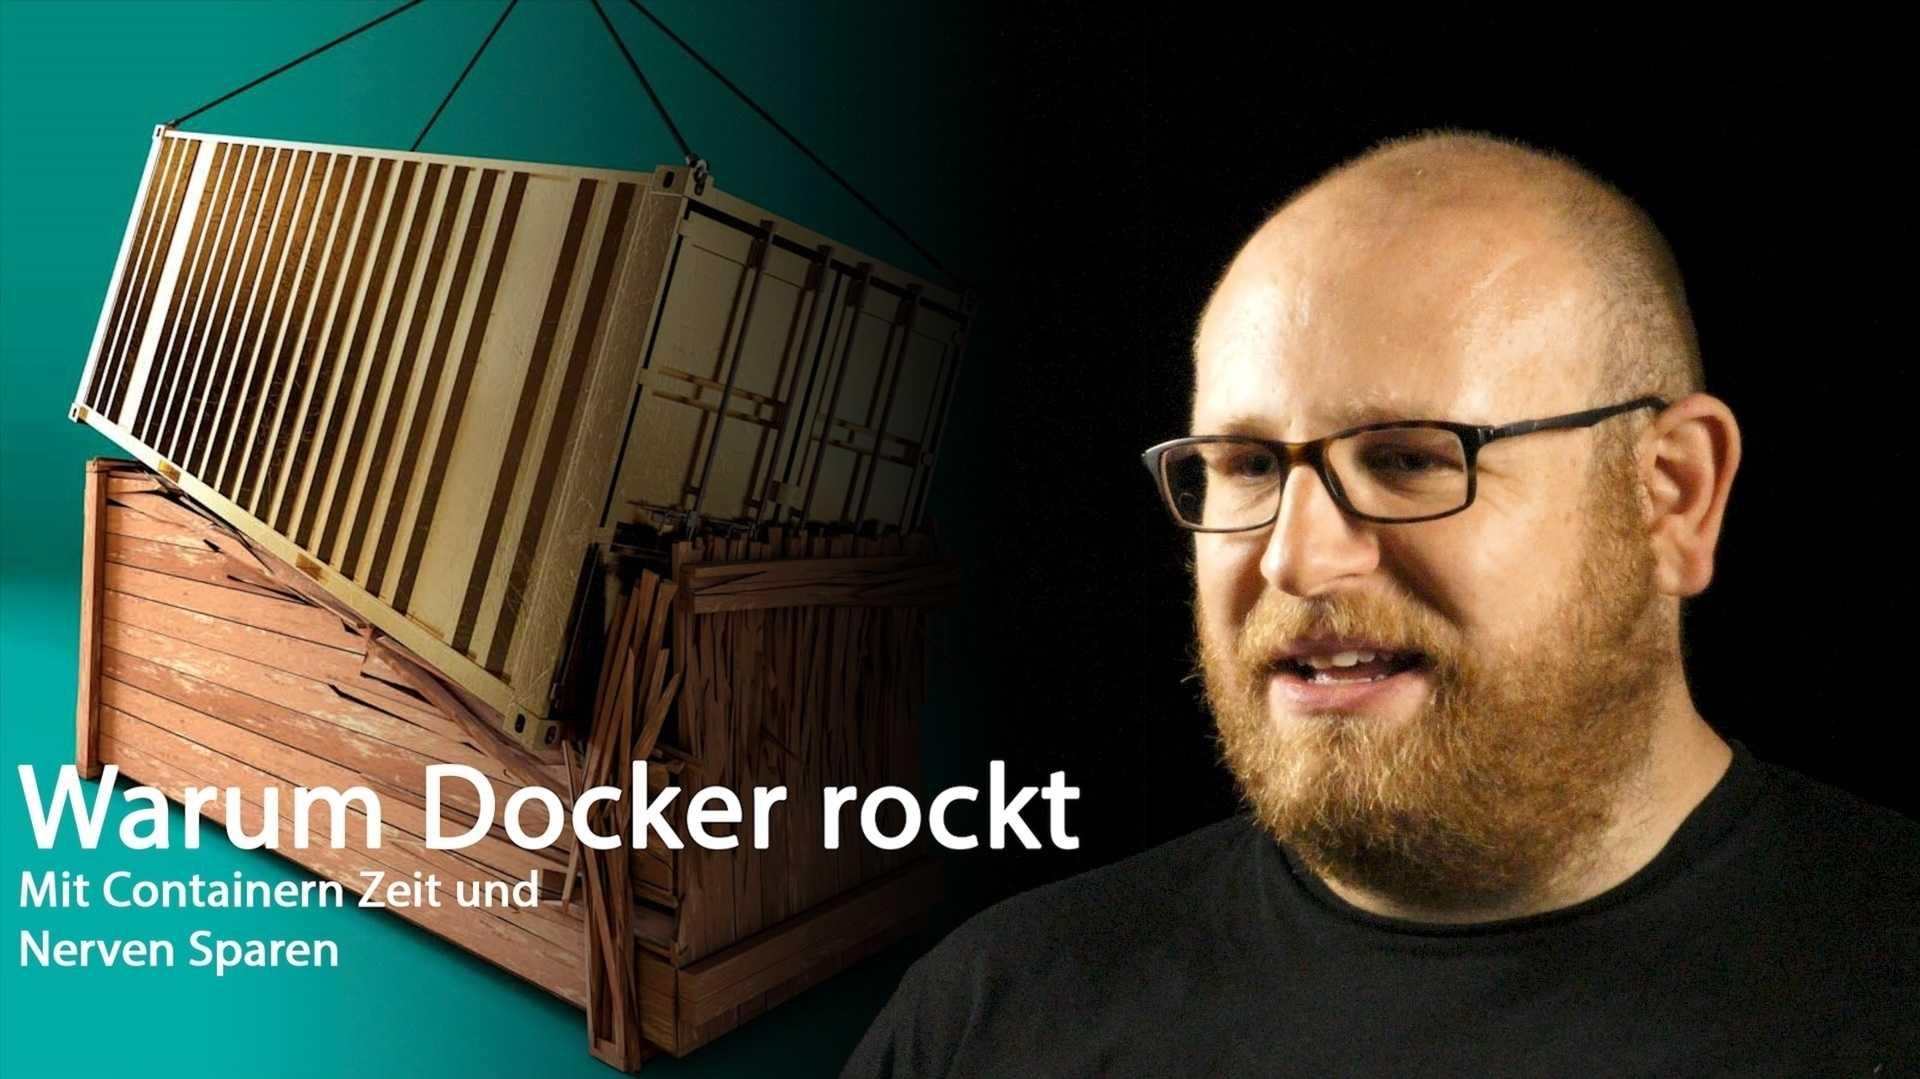 nachgehakt: Warum Docker rockt